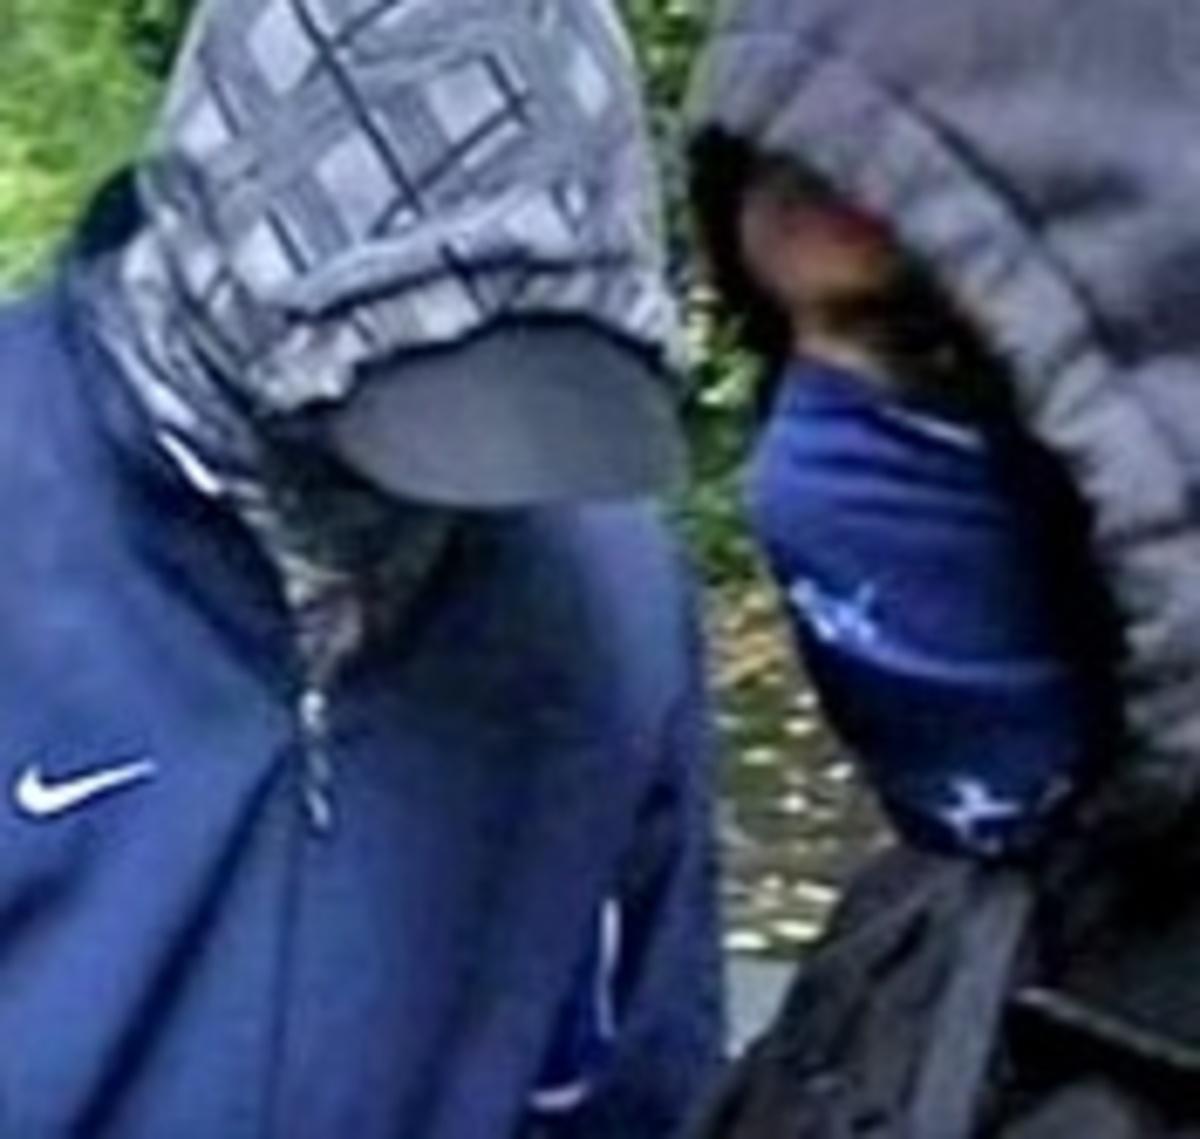 Χανιά:Μπήκαν σε σχολείο και έβαλαν μαχαίρι στο λαιμό μαθητή!   Newsit.gr